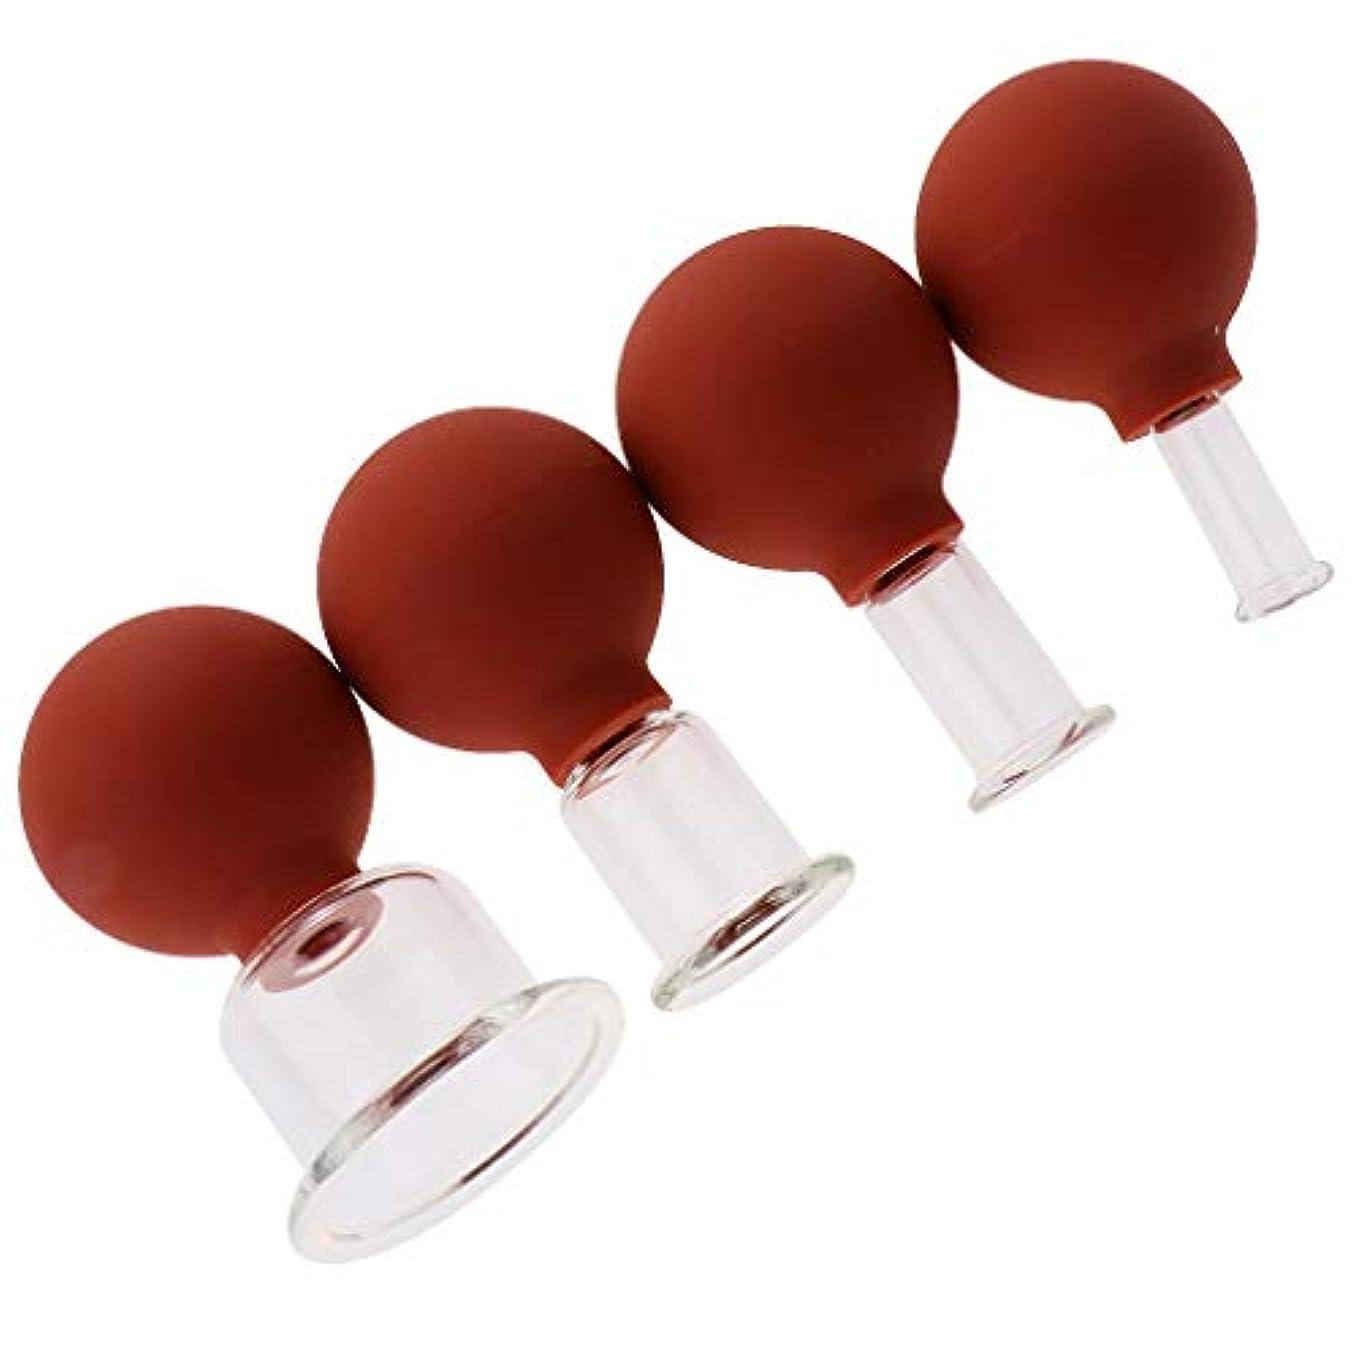 極端な発行宣伝ボディヘッドネック用4バキュームマッサージカップアンチセルライトガラスカップのセット - 赤茶色